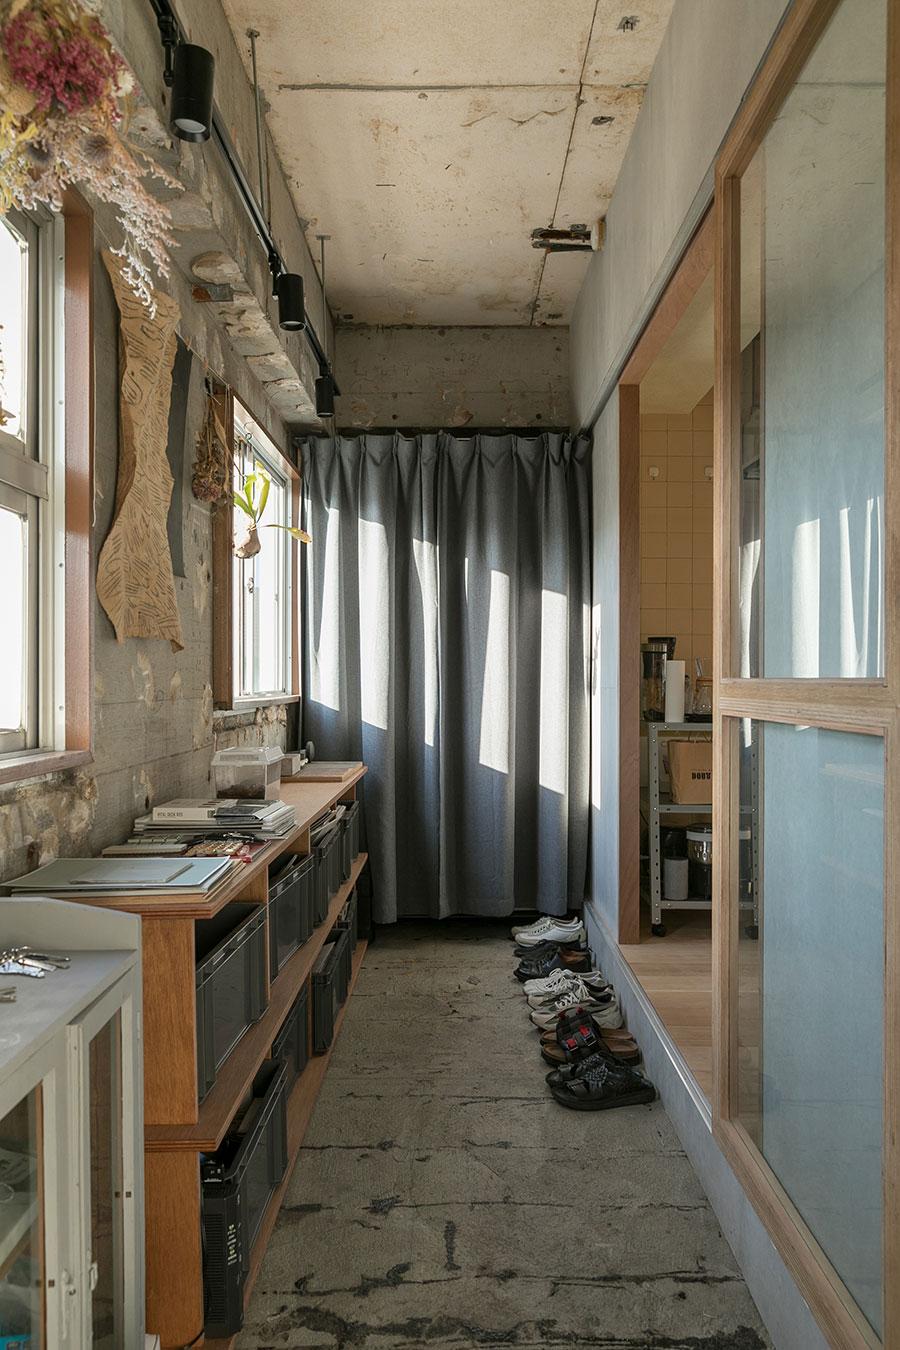 玄関のたたきは奥行きを広げて土間に。「ここで家具を作り、キャンプ道具の手入れもします。家でやれることが広がりました」